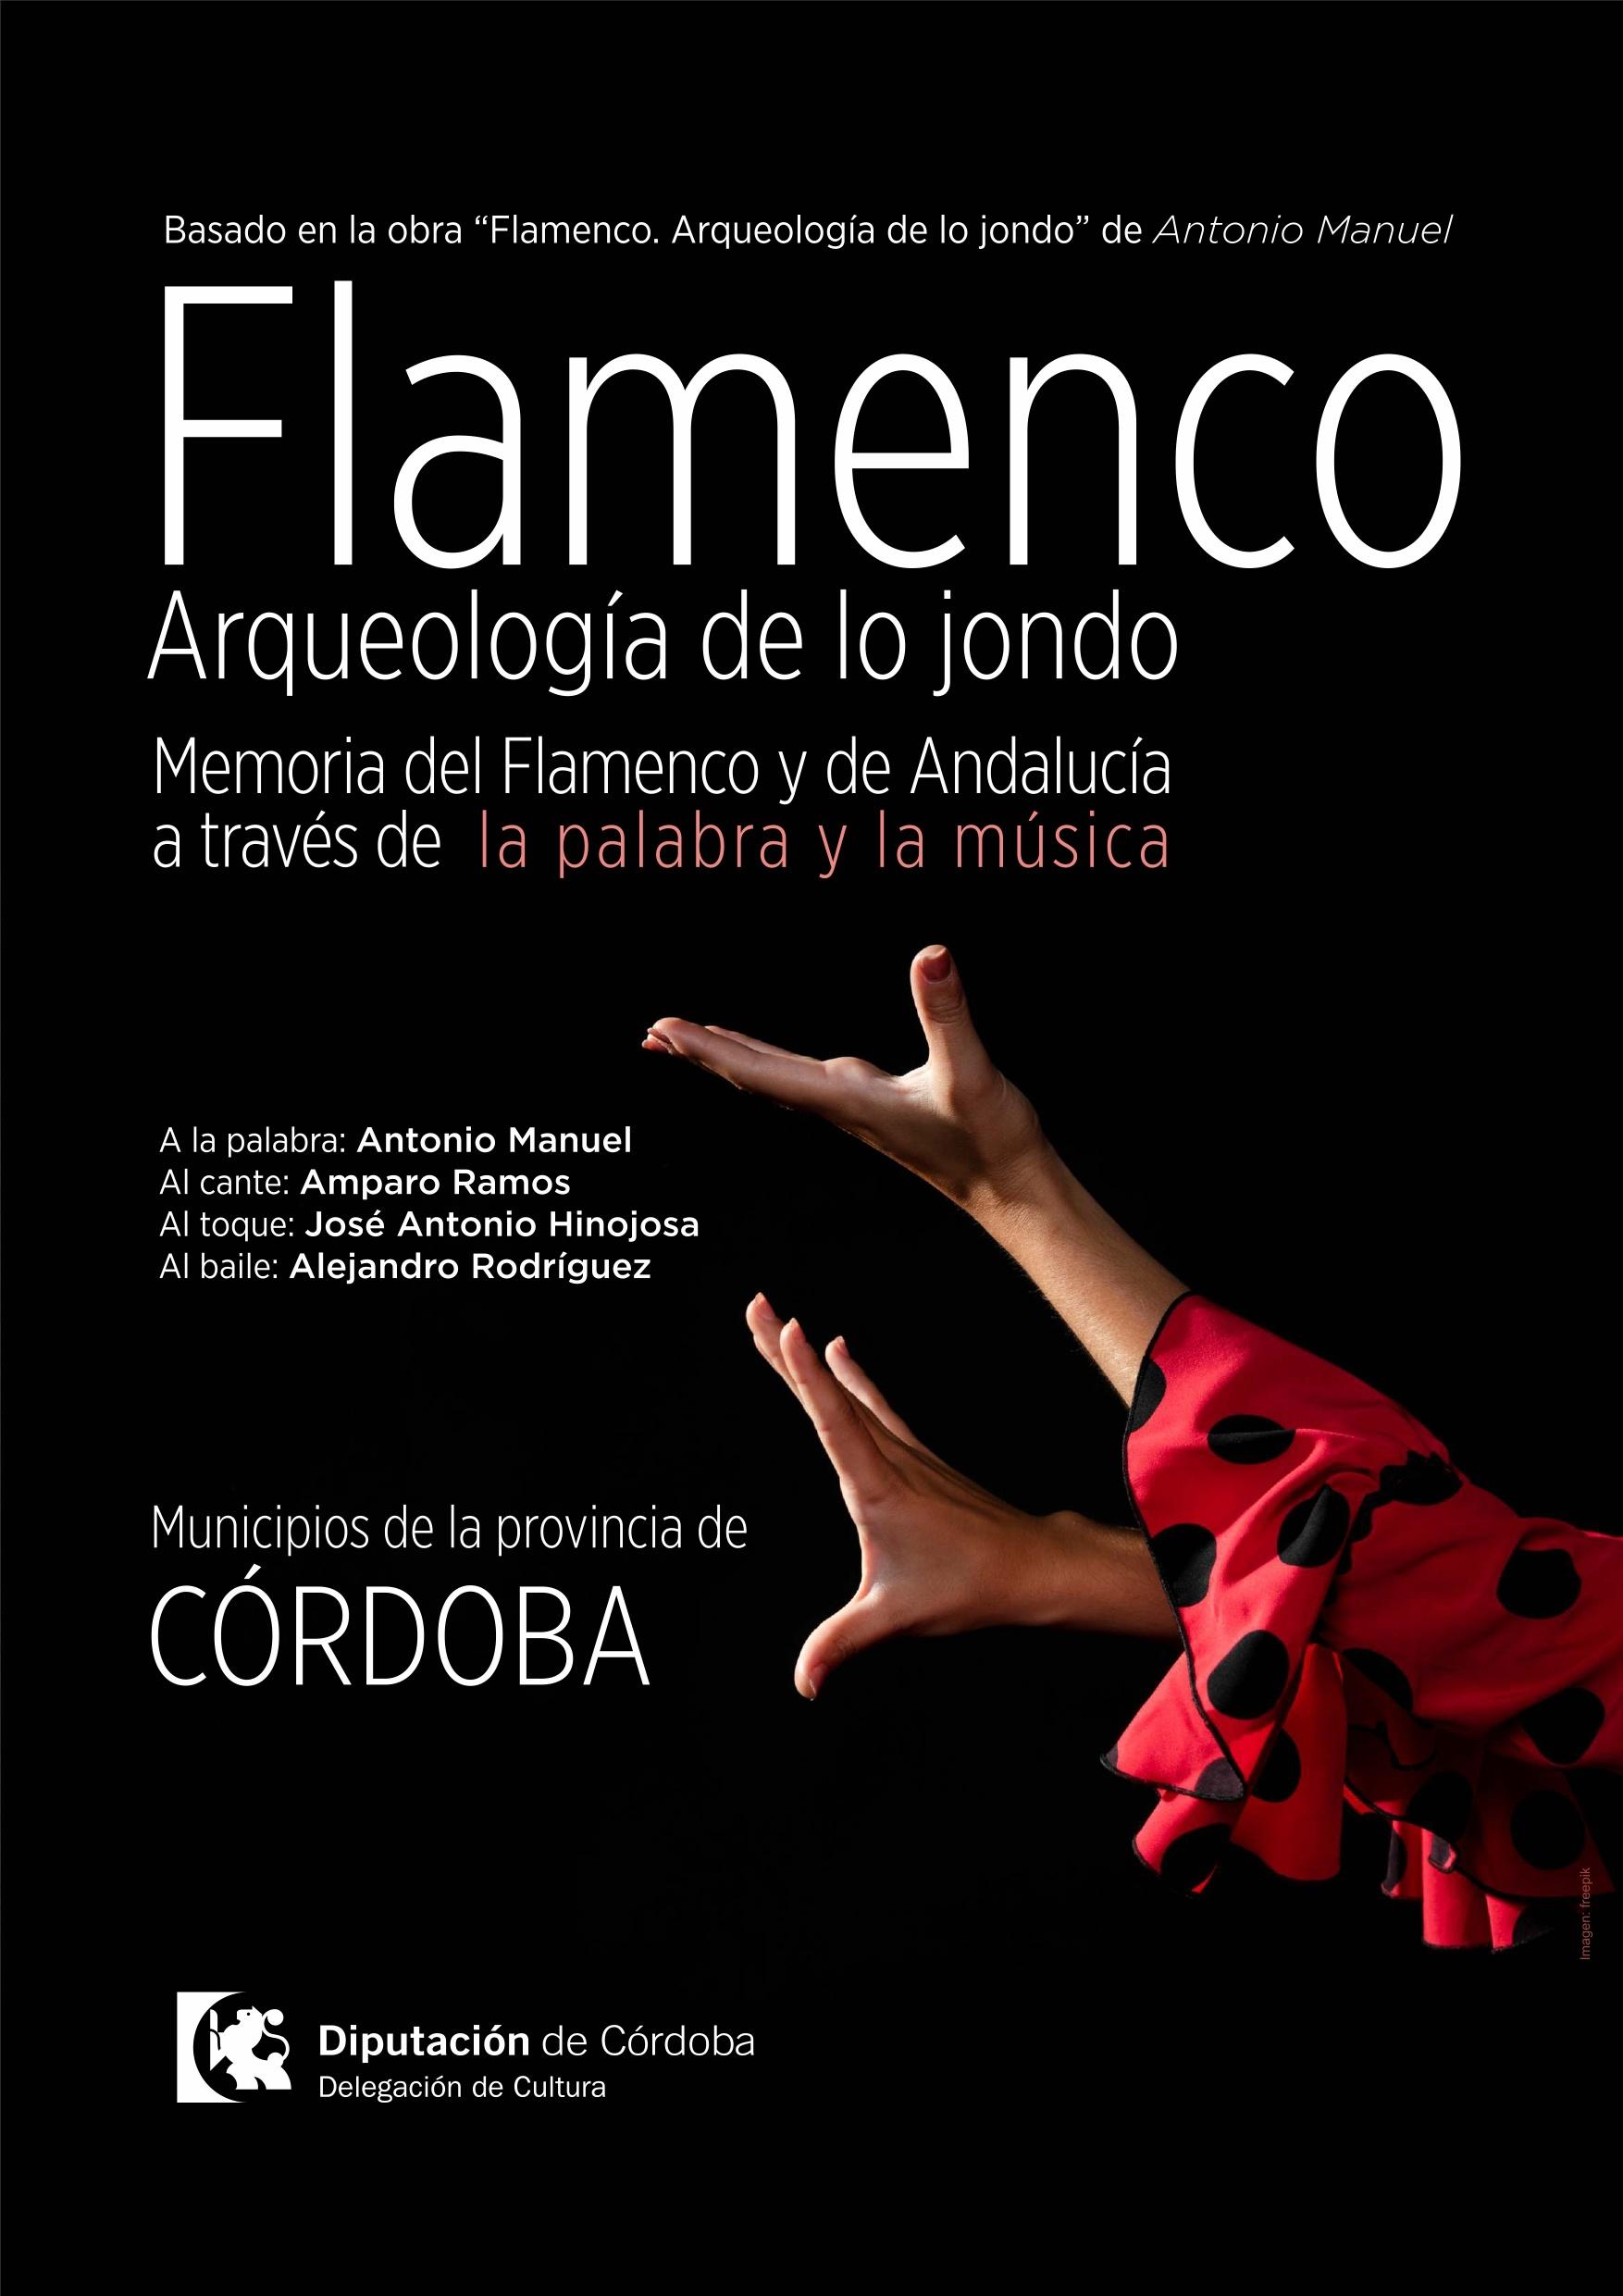 Arqueología de lo jondo llega a la provincia de Córdoba